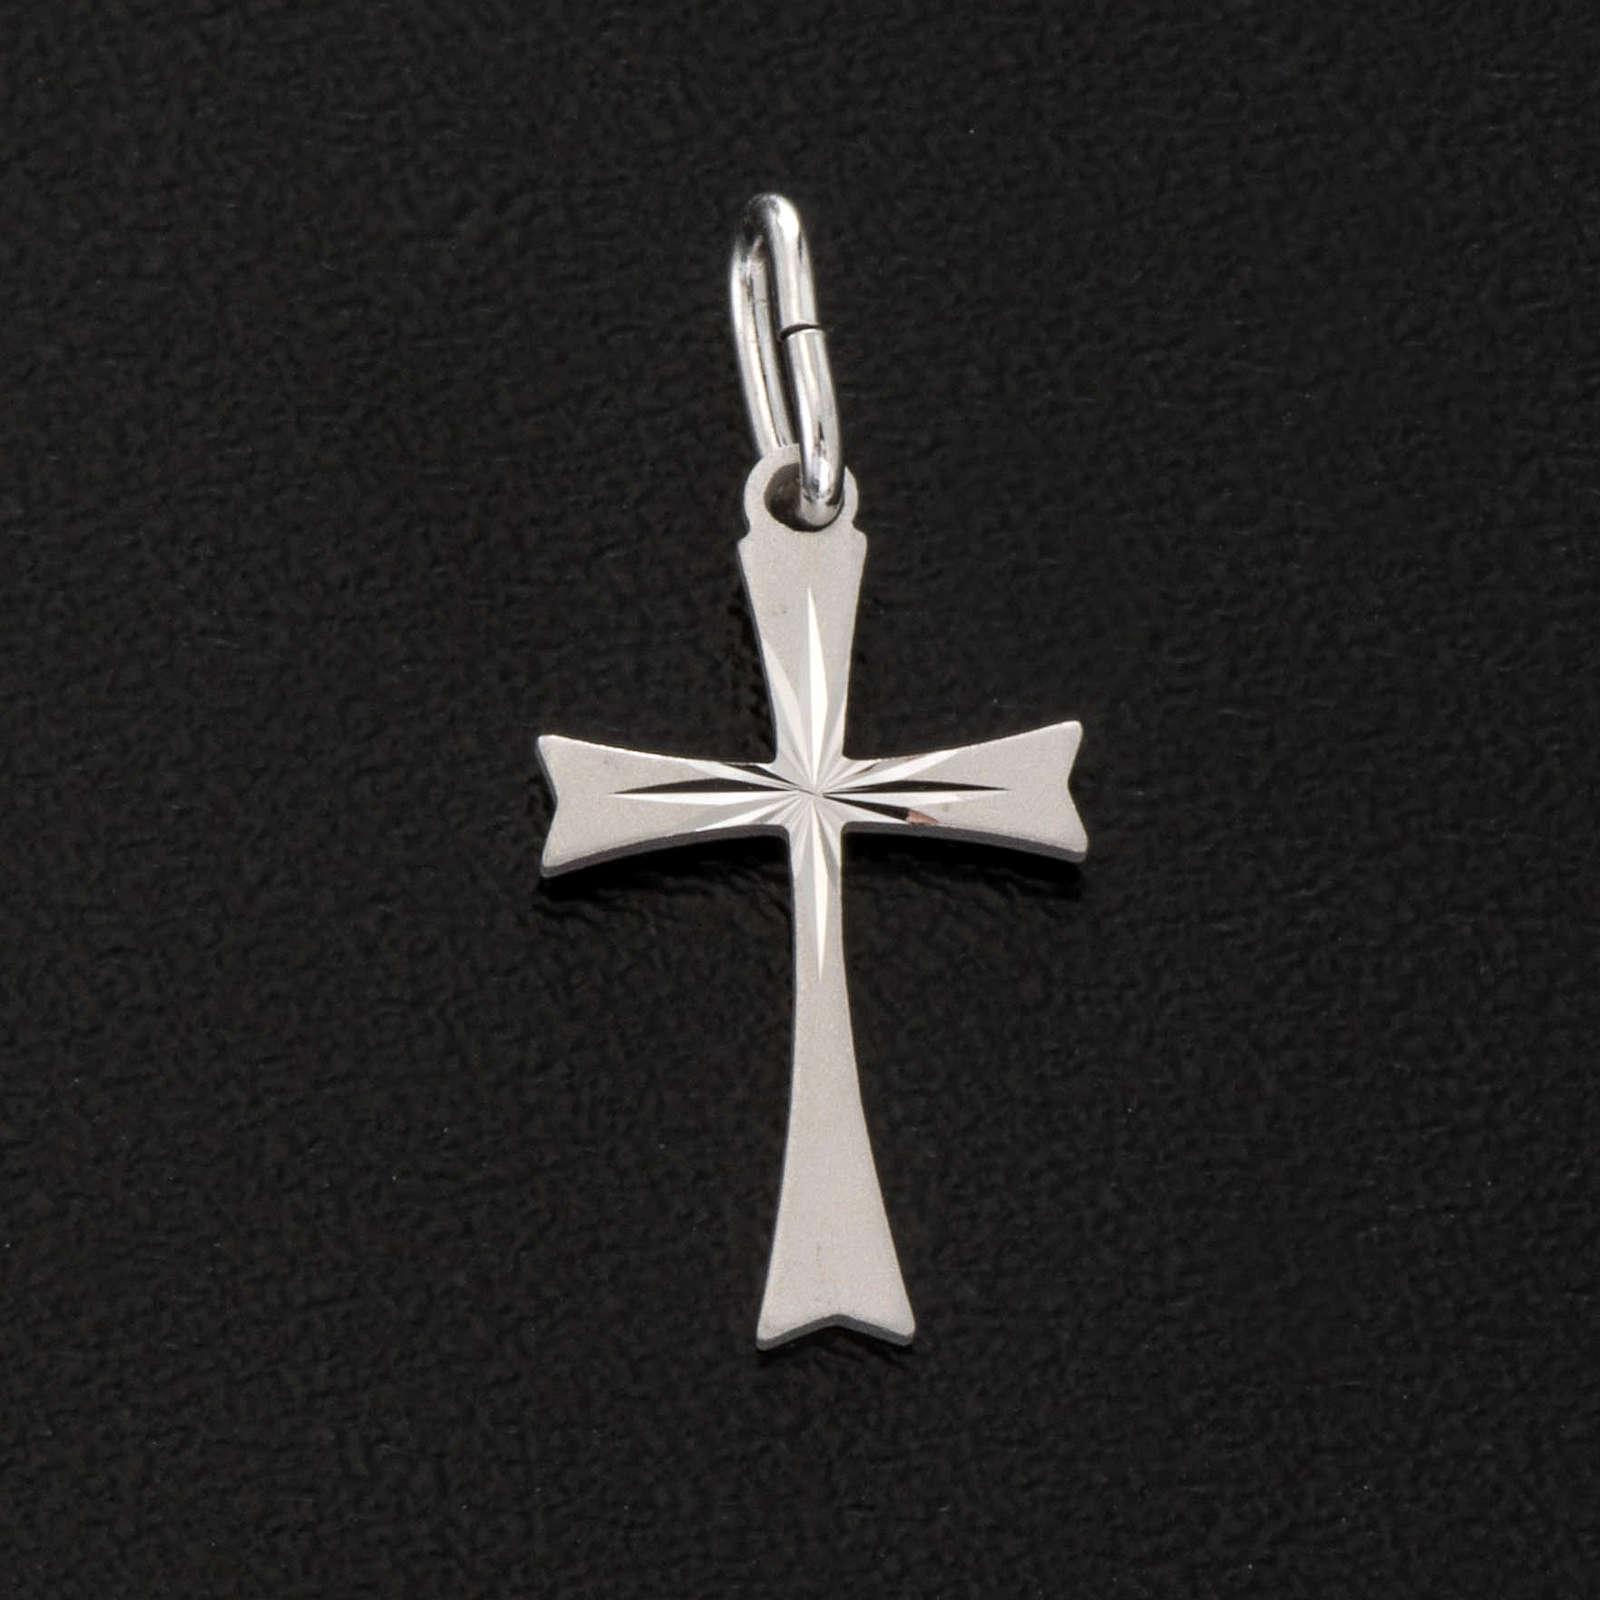 Croce argento 925 satinato cm 2 4